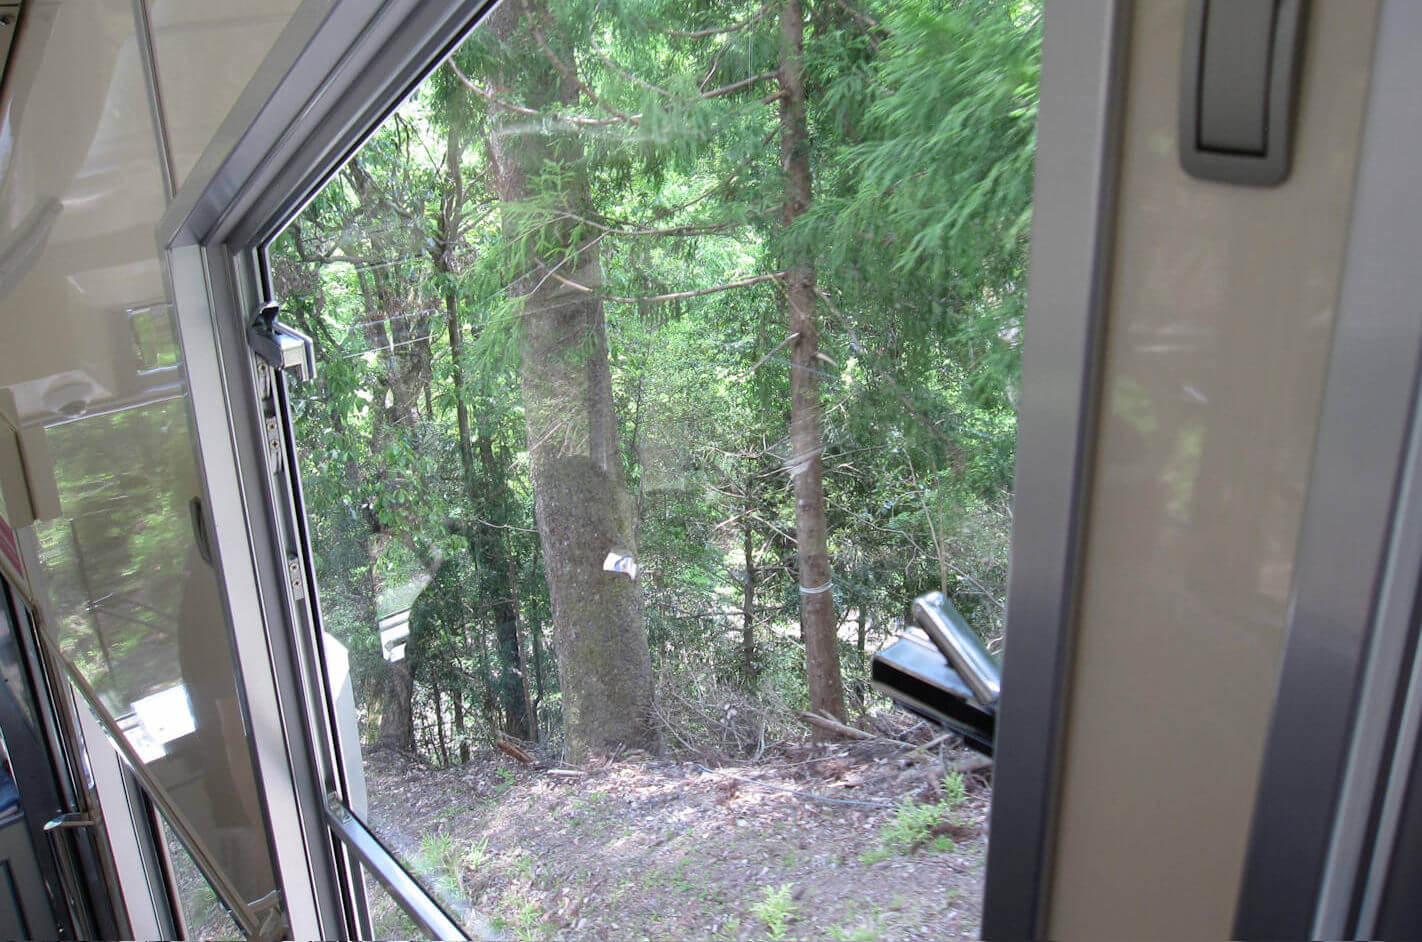 鞍馬山のケーブルカーからの眺め1